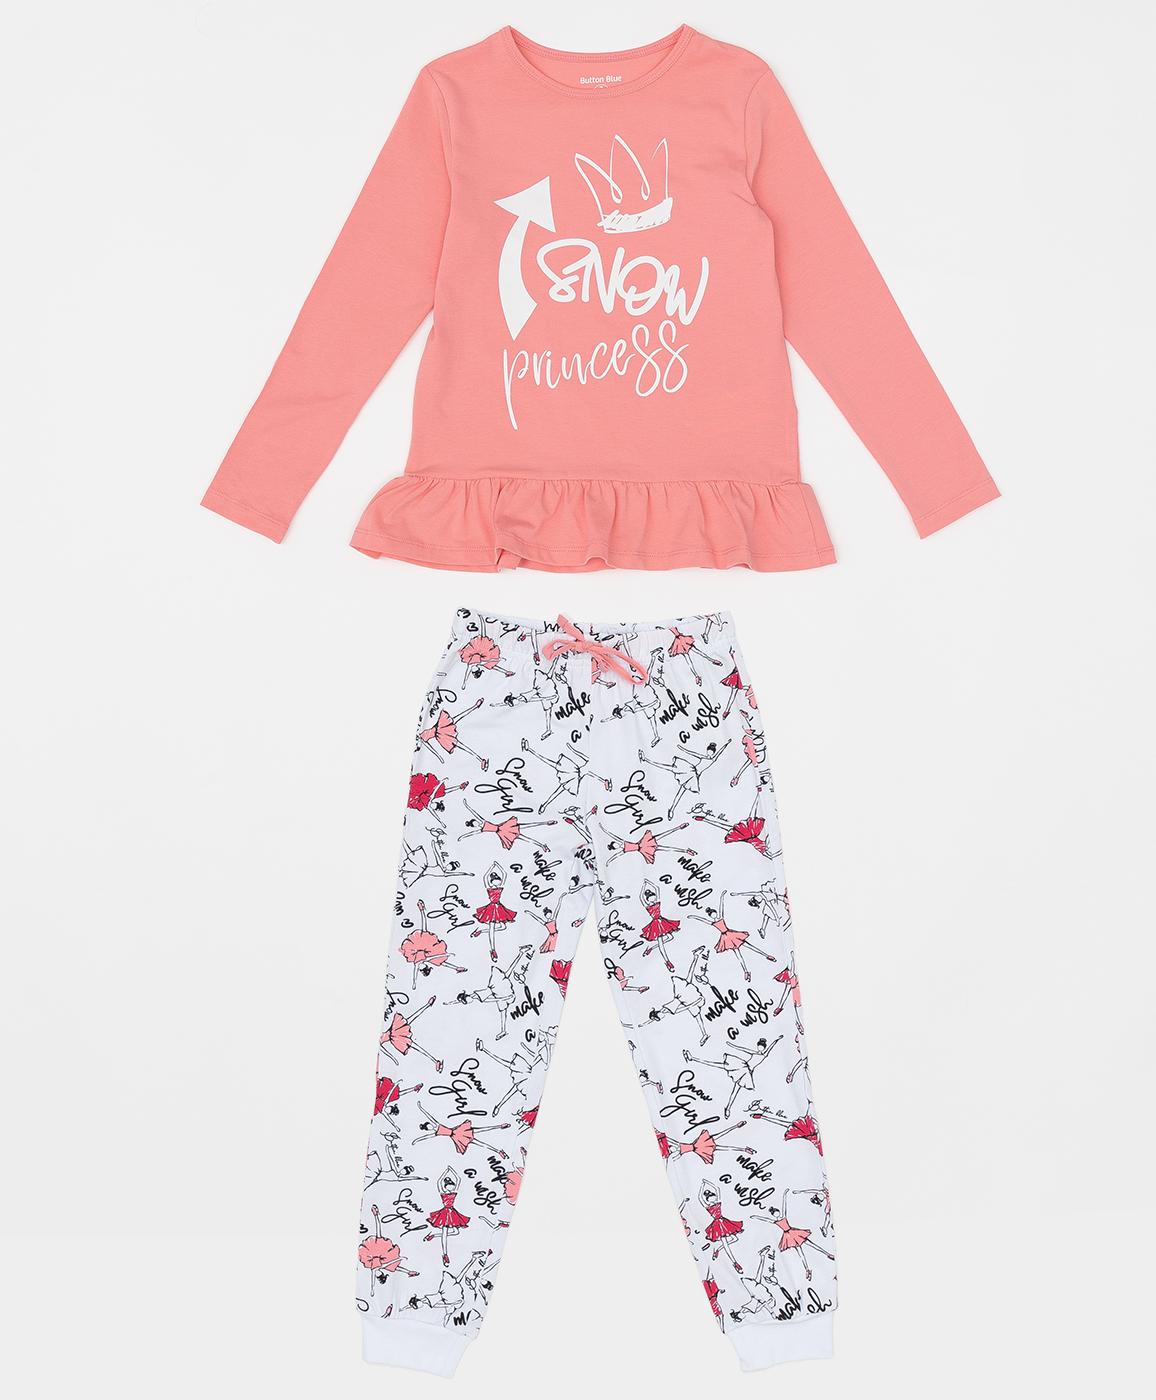 Купить 220BBGMU97011213, Пижама для девочки Button Blue, розовый, 116-122, Хлопок, Женский, ОСЕНЬ/ЗИМА 2020-2021 (shop: GulliverMarket Gulliver Market)